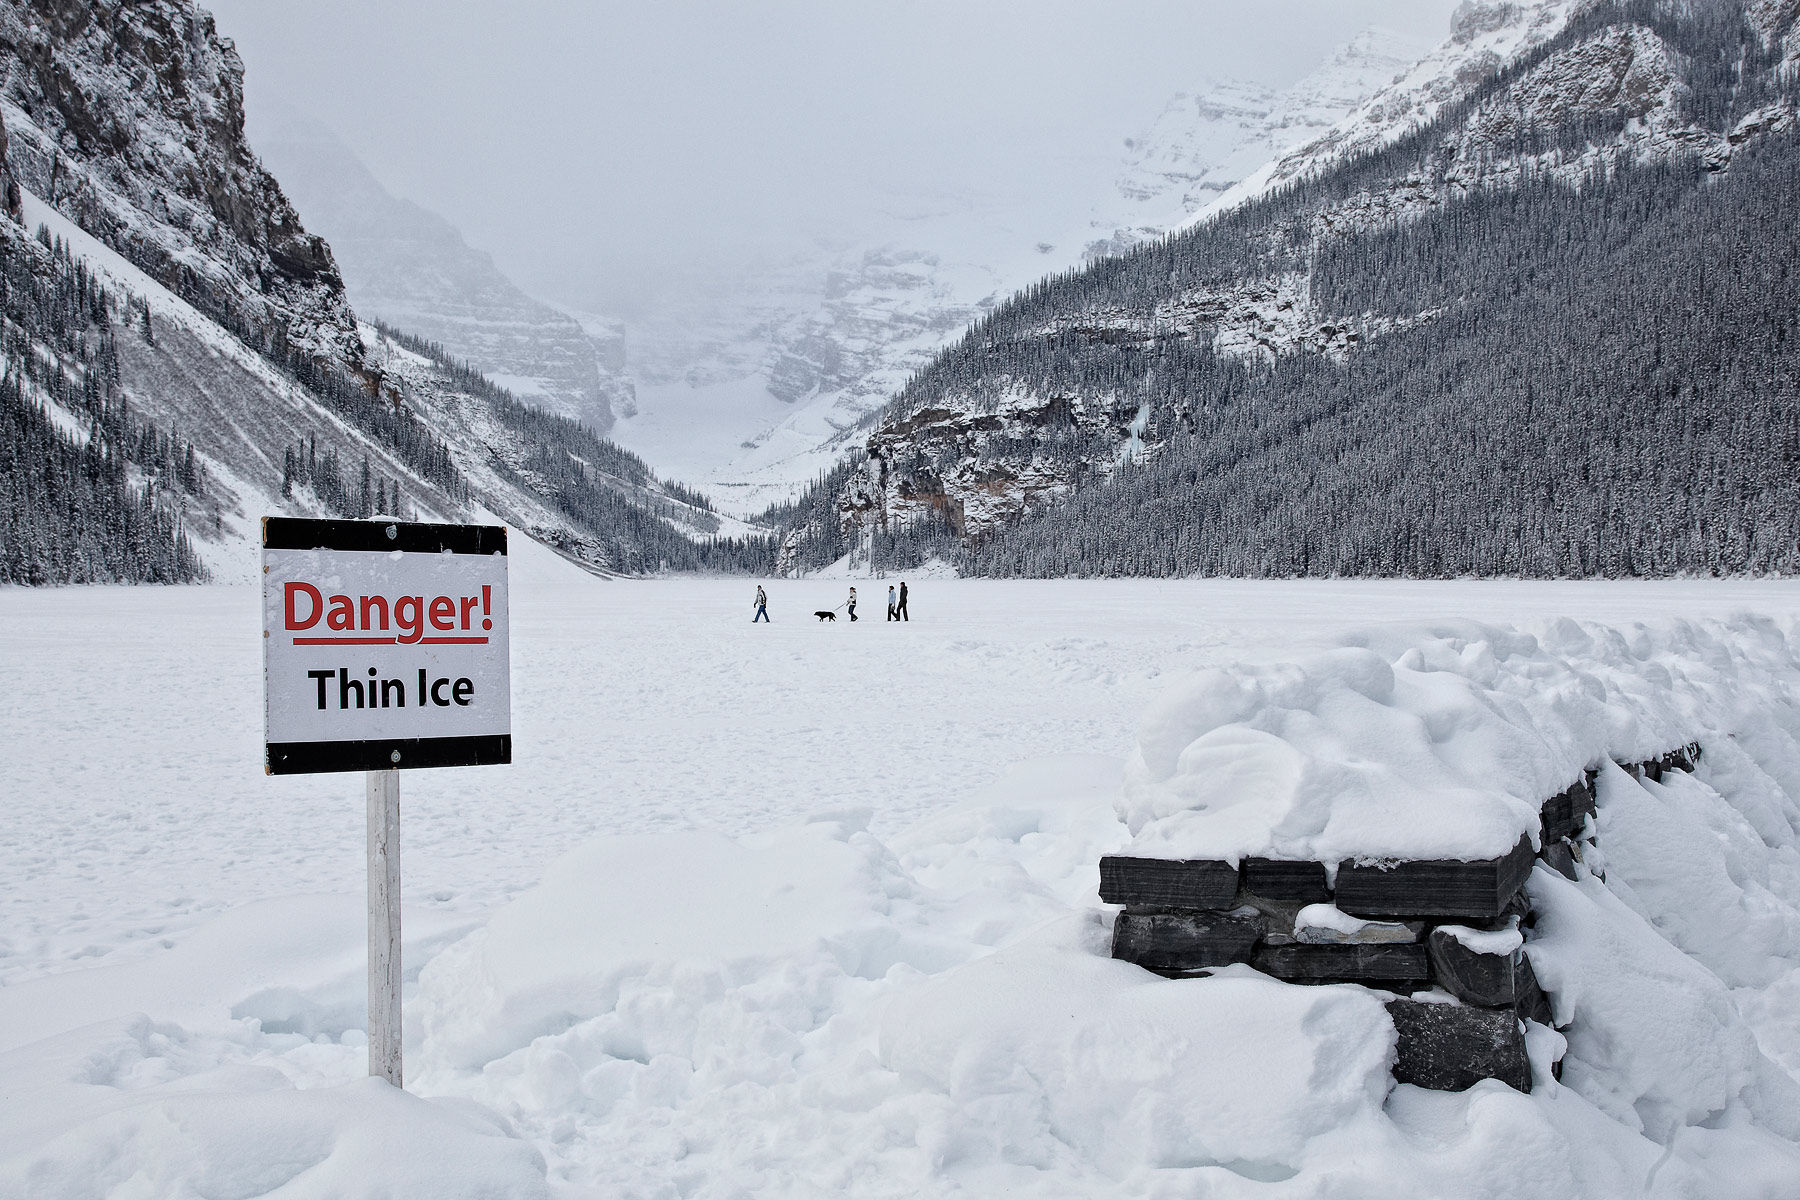 Lake Louise Warning